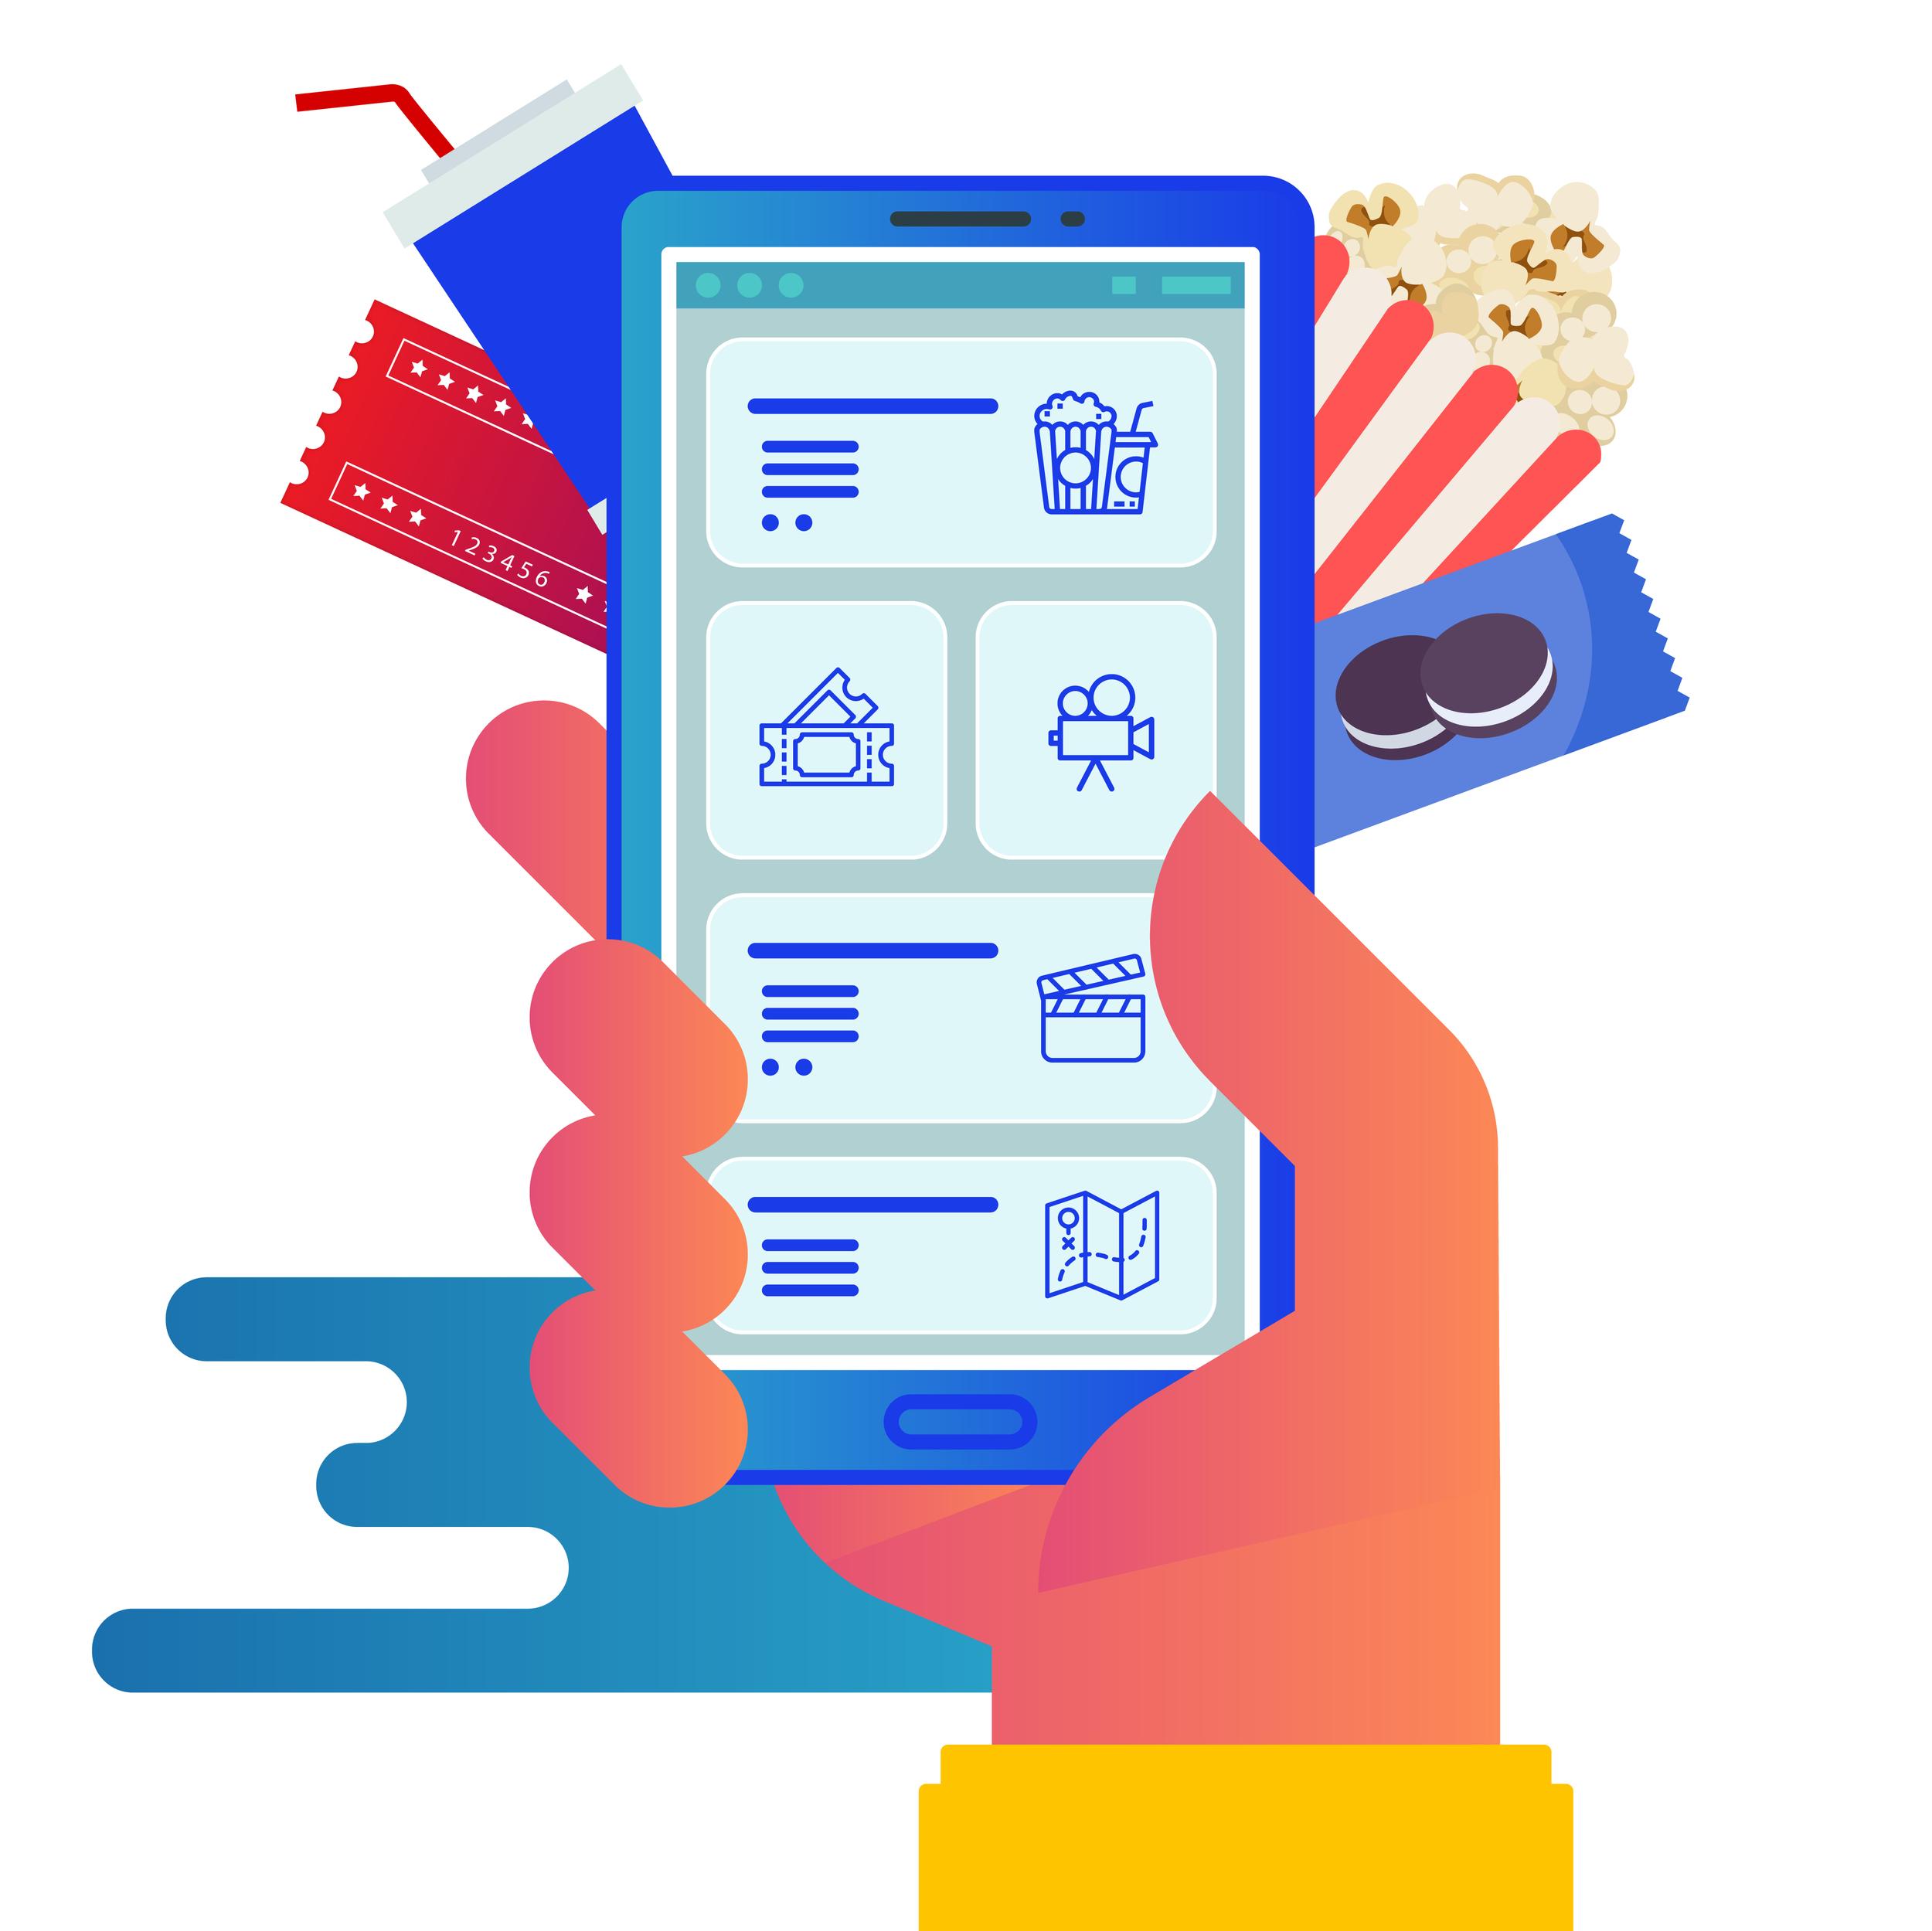 Selg billetter og varer på nett - En komplett og intuitiv løsning for salg av billetter og varer på internett. Enkelt for deg, enkelt for ditt publikum.